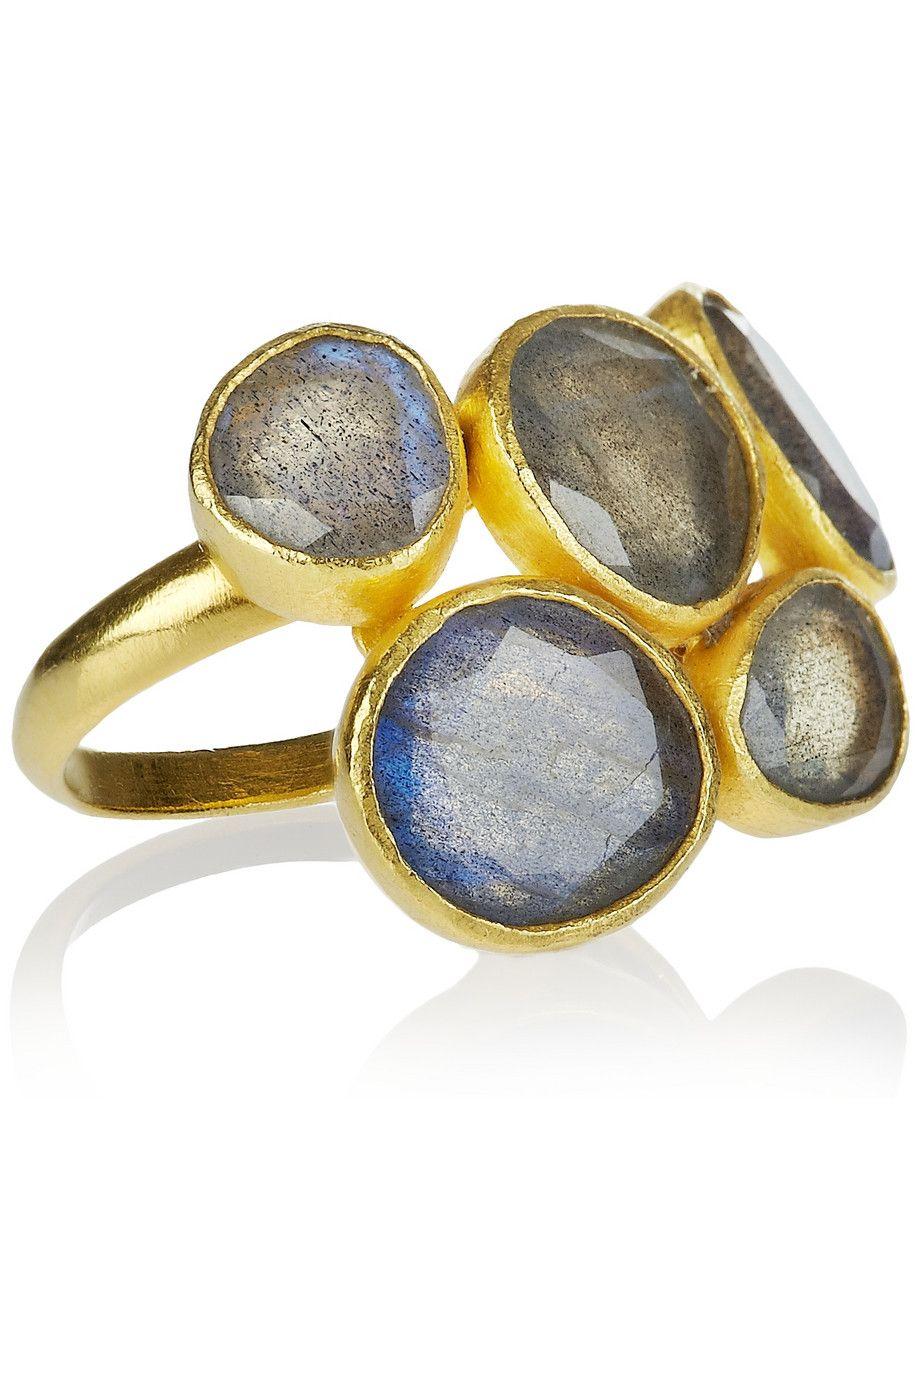 Pippa Small|18-karat gold labradorite ring